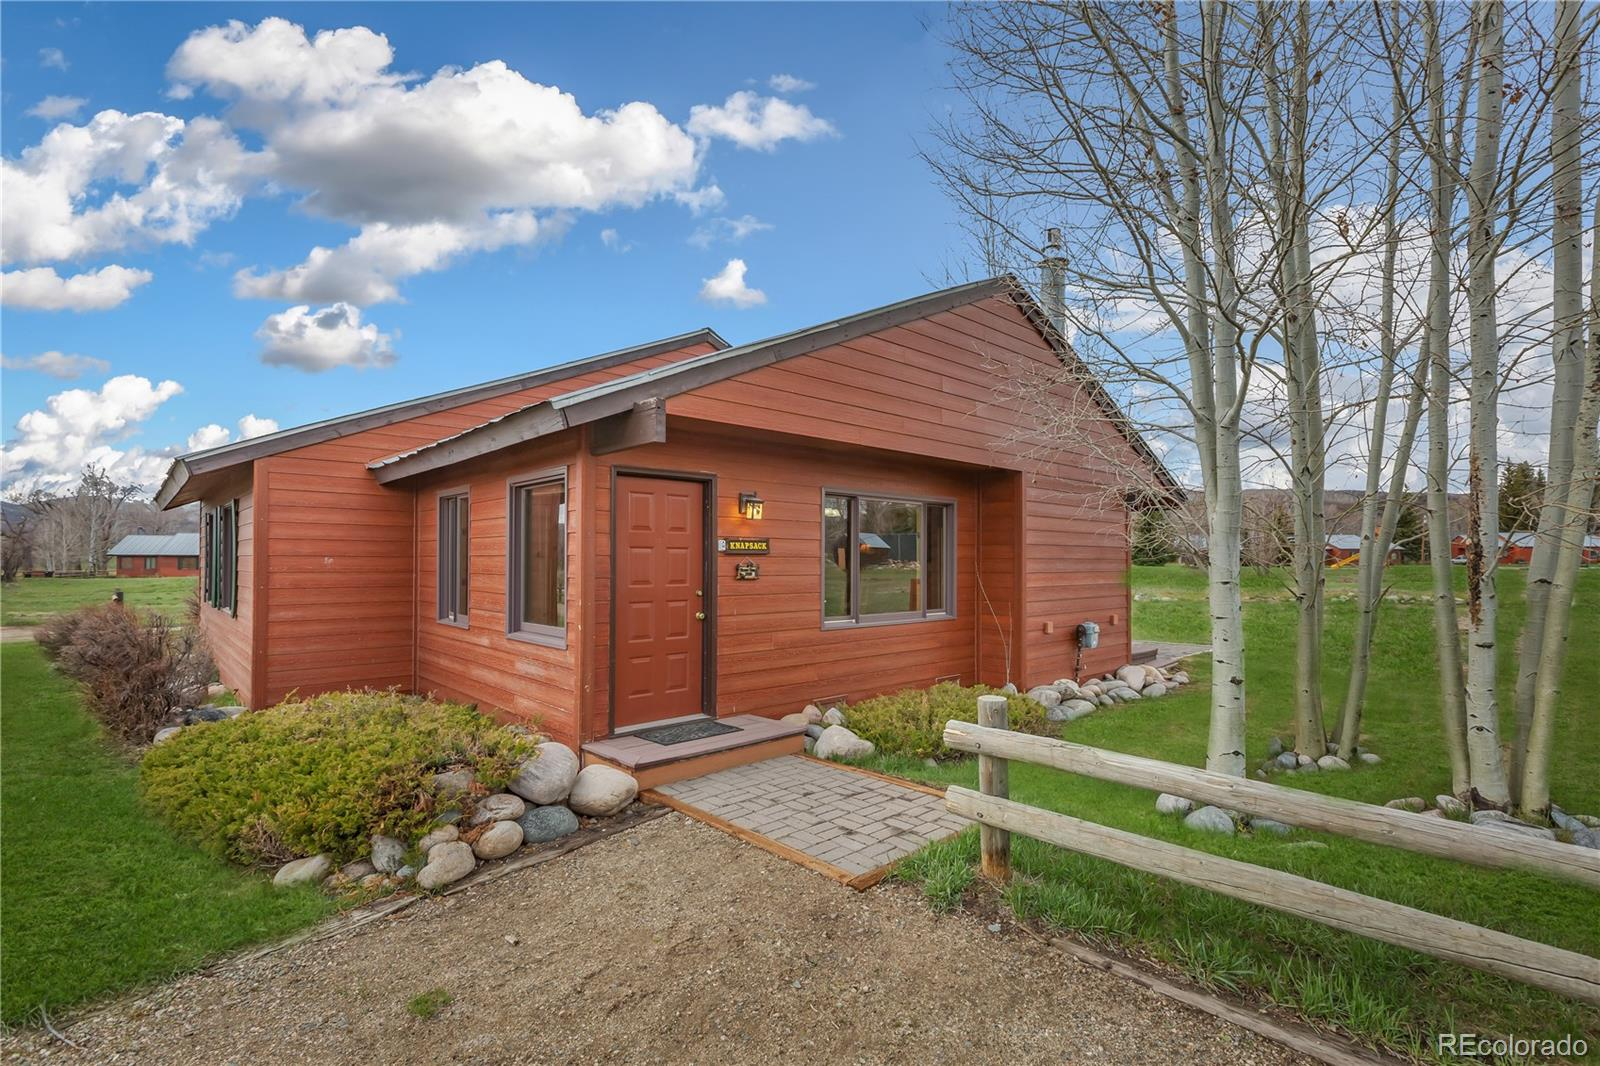 54737 Cr 129 #knapsack Property Photo 1